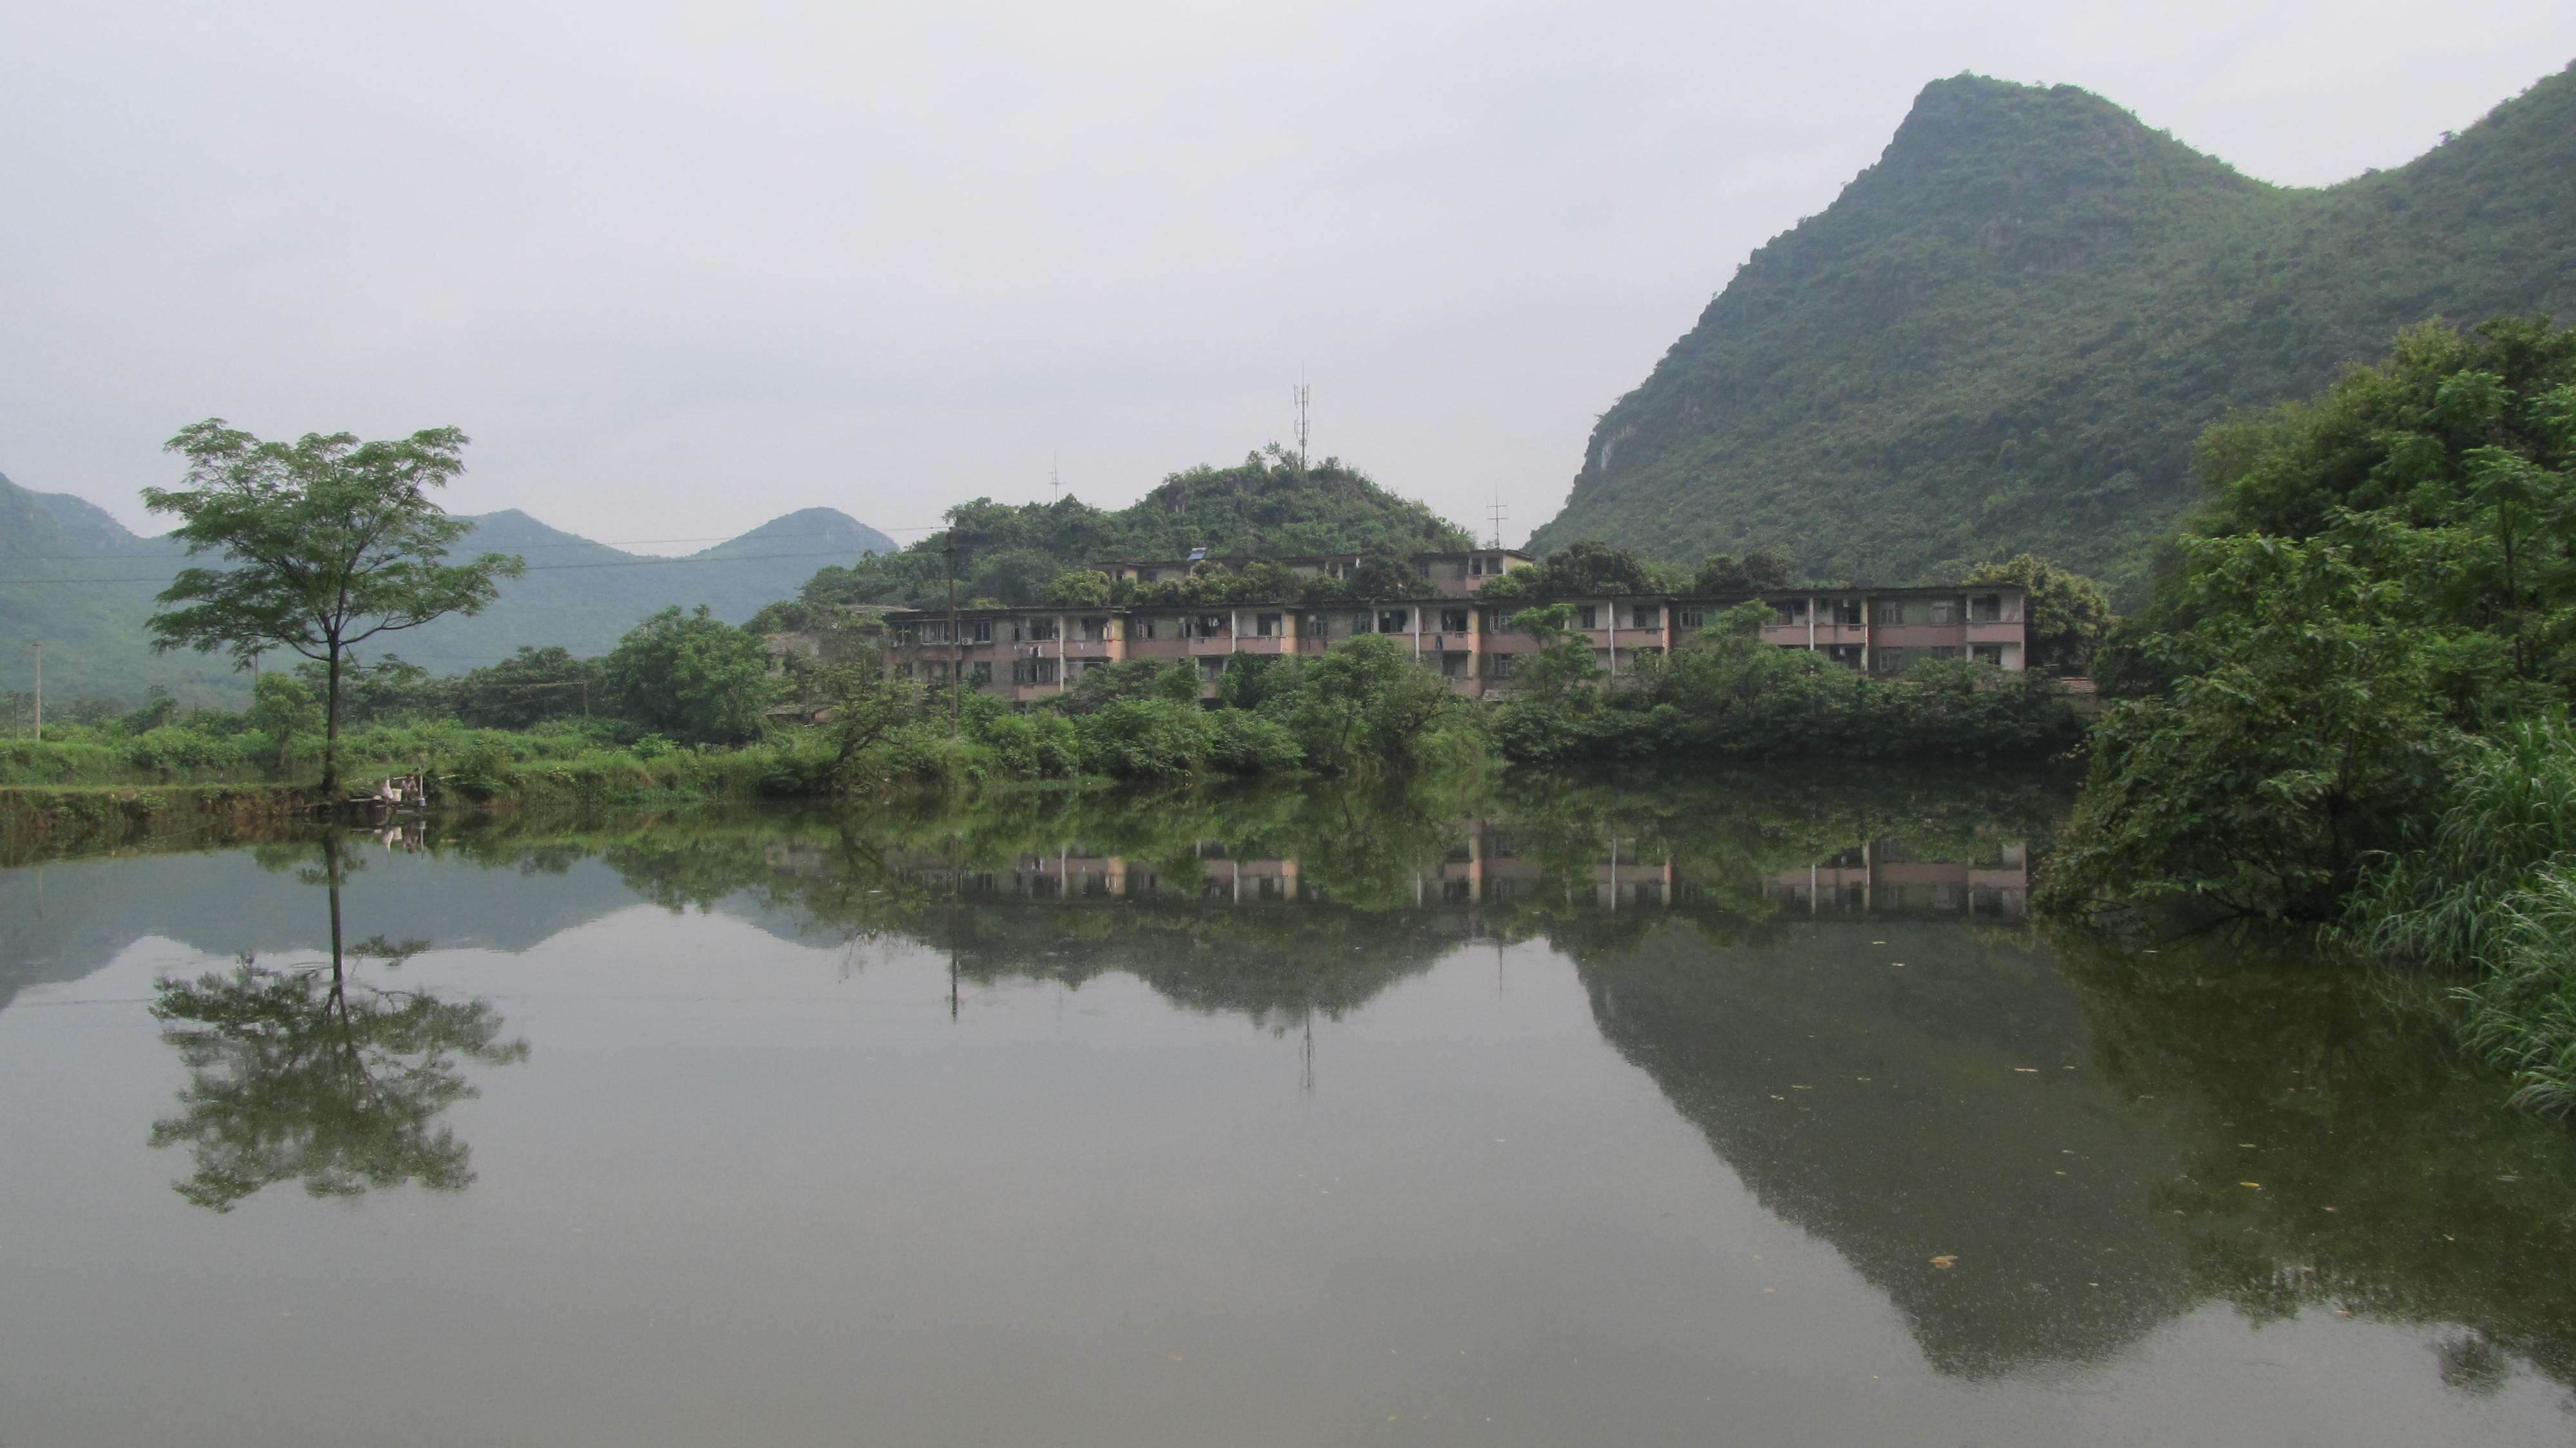 桂林:一路骑行,一路风景|桂林游记-携程旅行